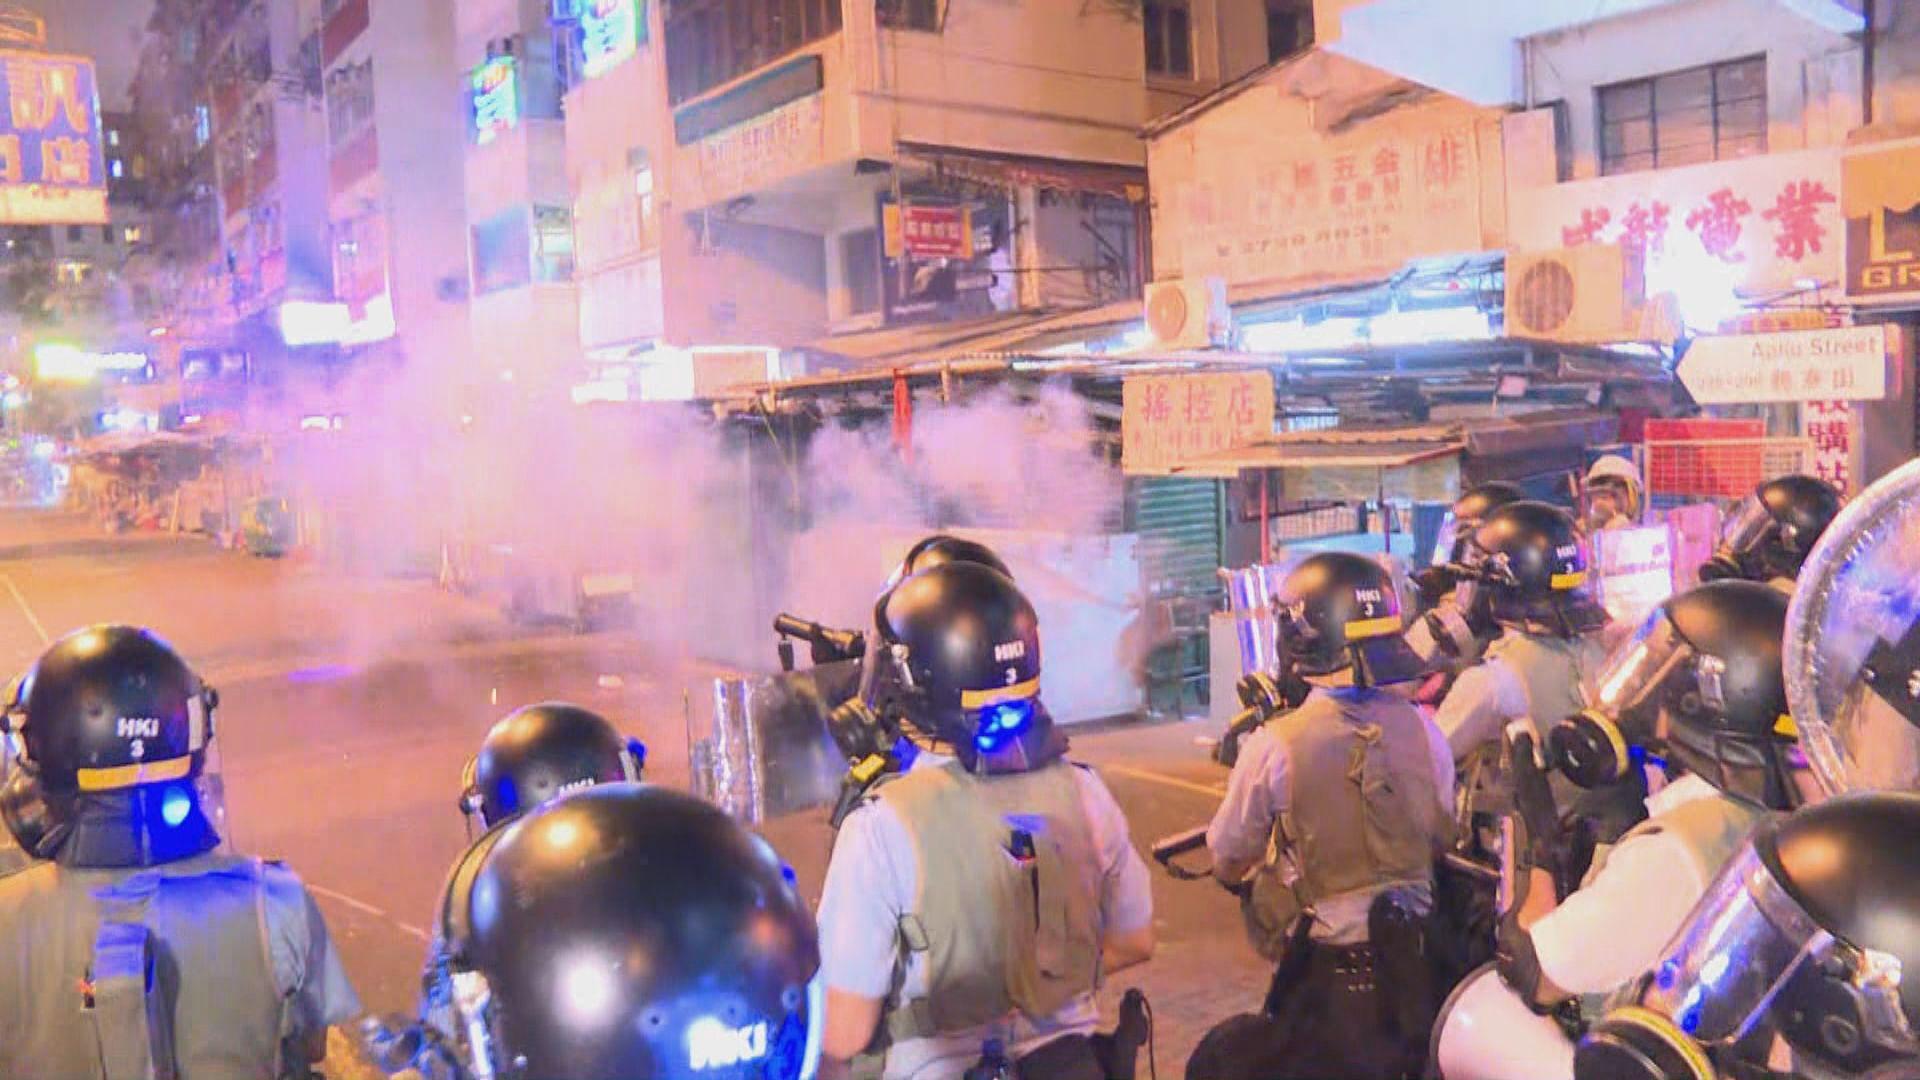 深水埗群眾被驅散後警員陸續離開